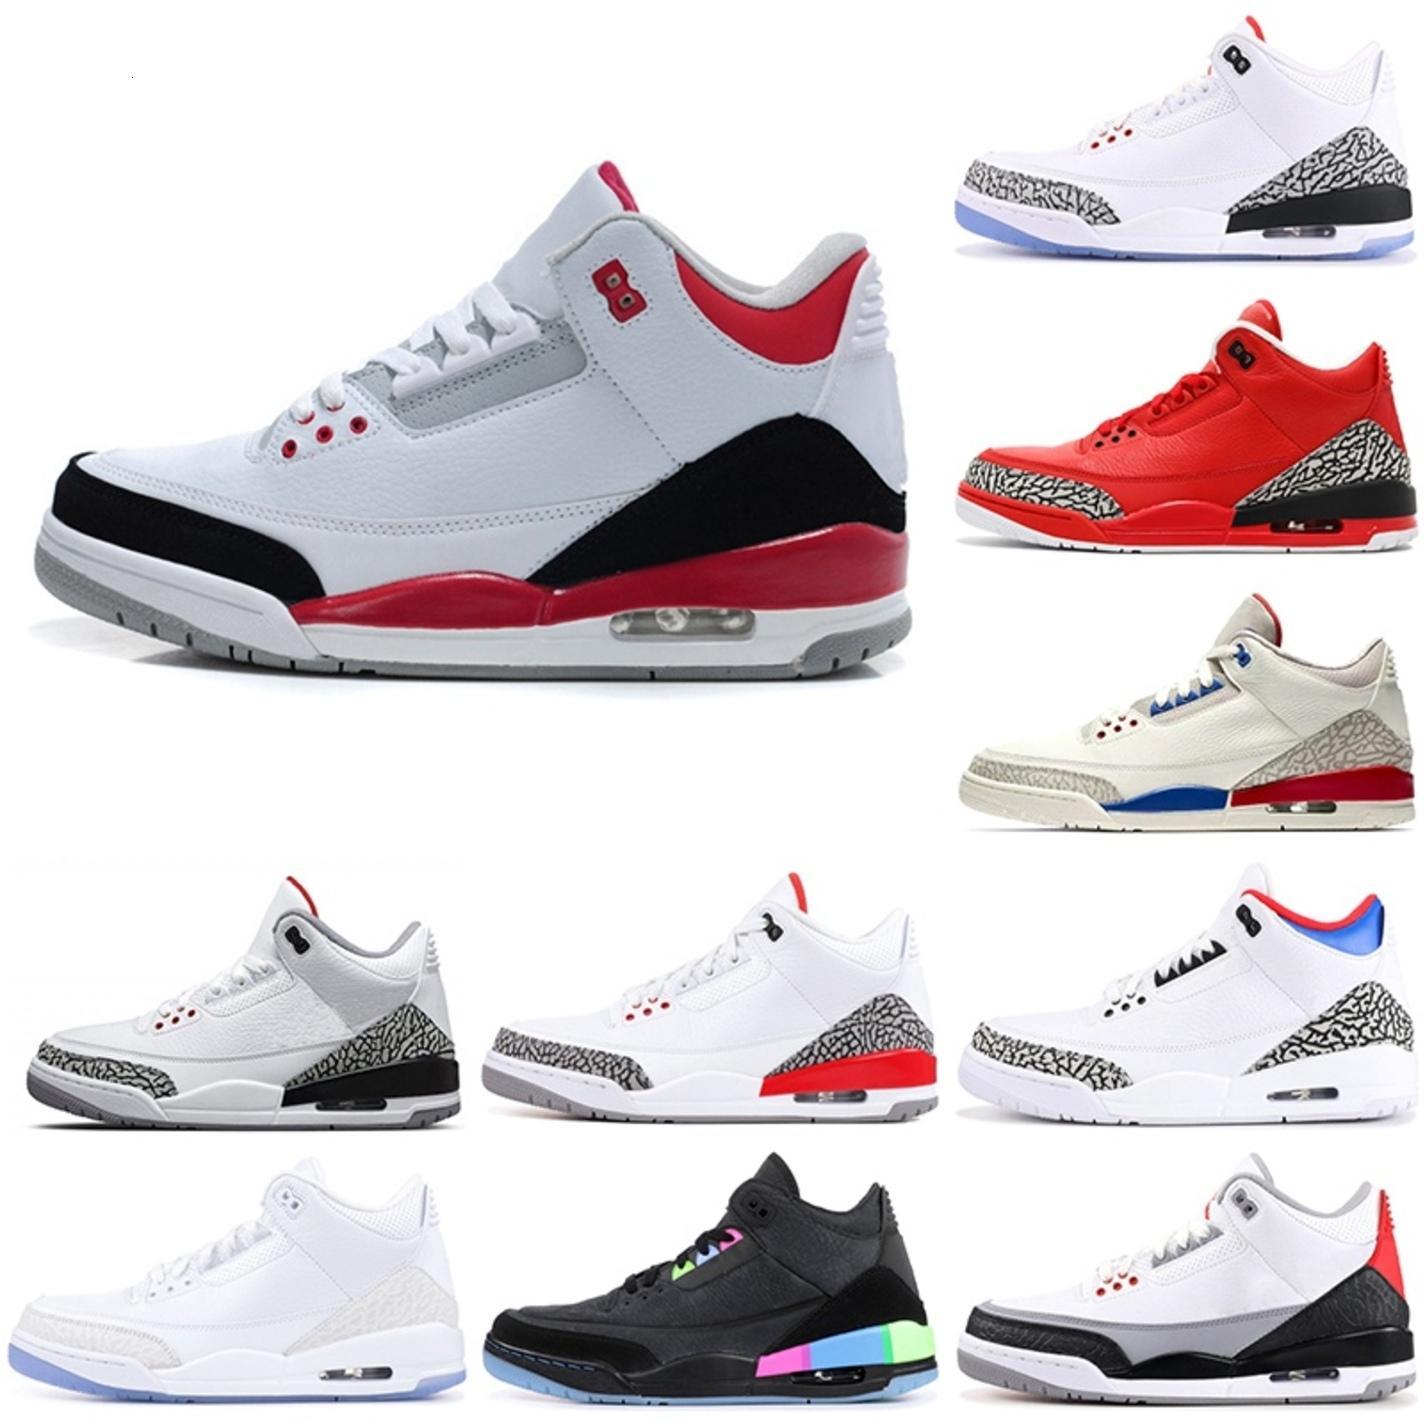 Top Black Cimento Men Sapatos de Basquete Chlorophyll Grateful Linha Linha Linha Internacional Vôo Internacional - Charit Mens Esporte Fogo Vermelho III Sneakers